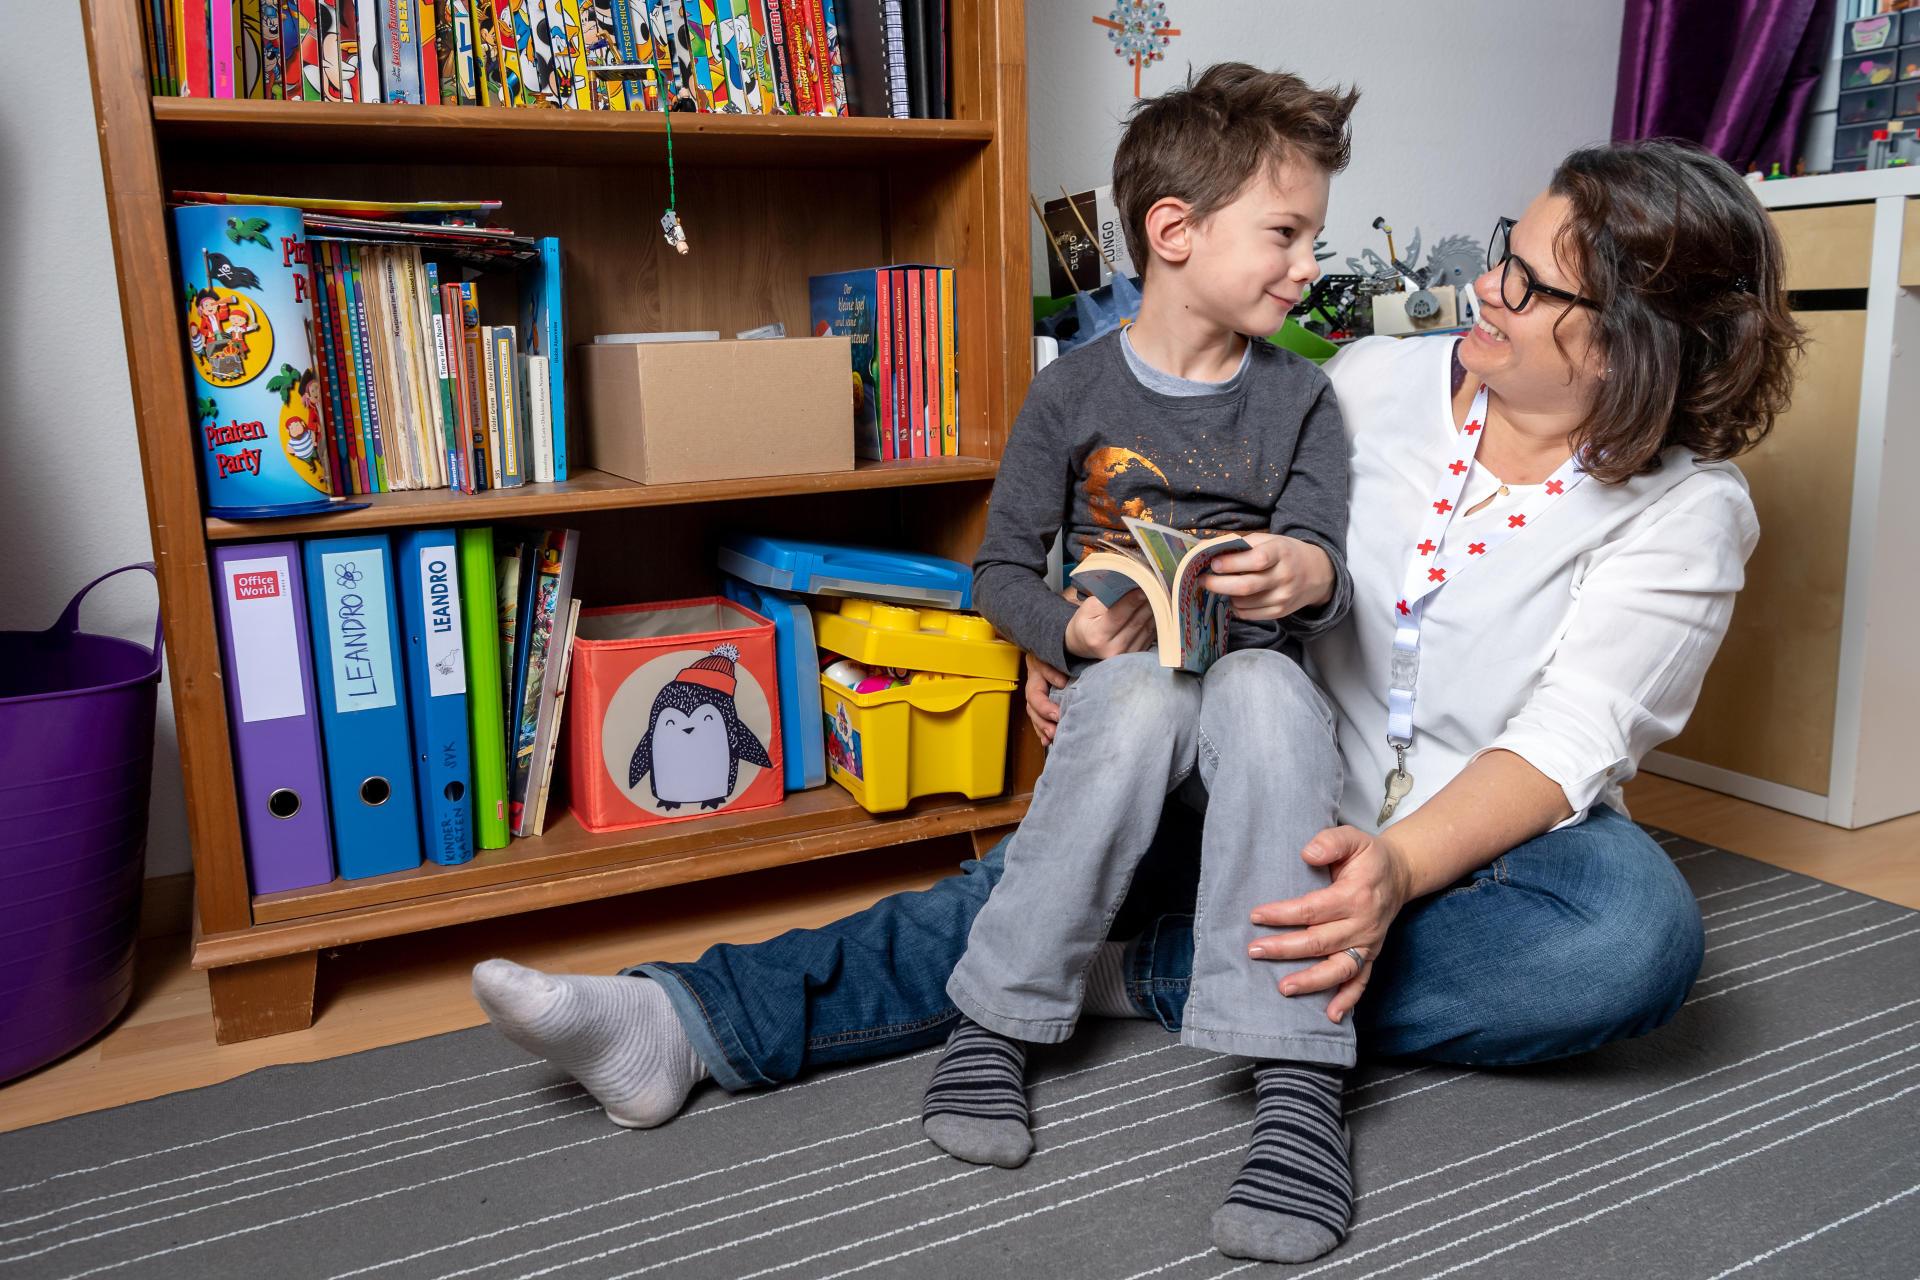 Kinderbetreuung zu Hause - mehr als eine Notlösung